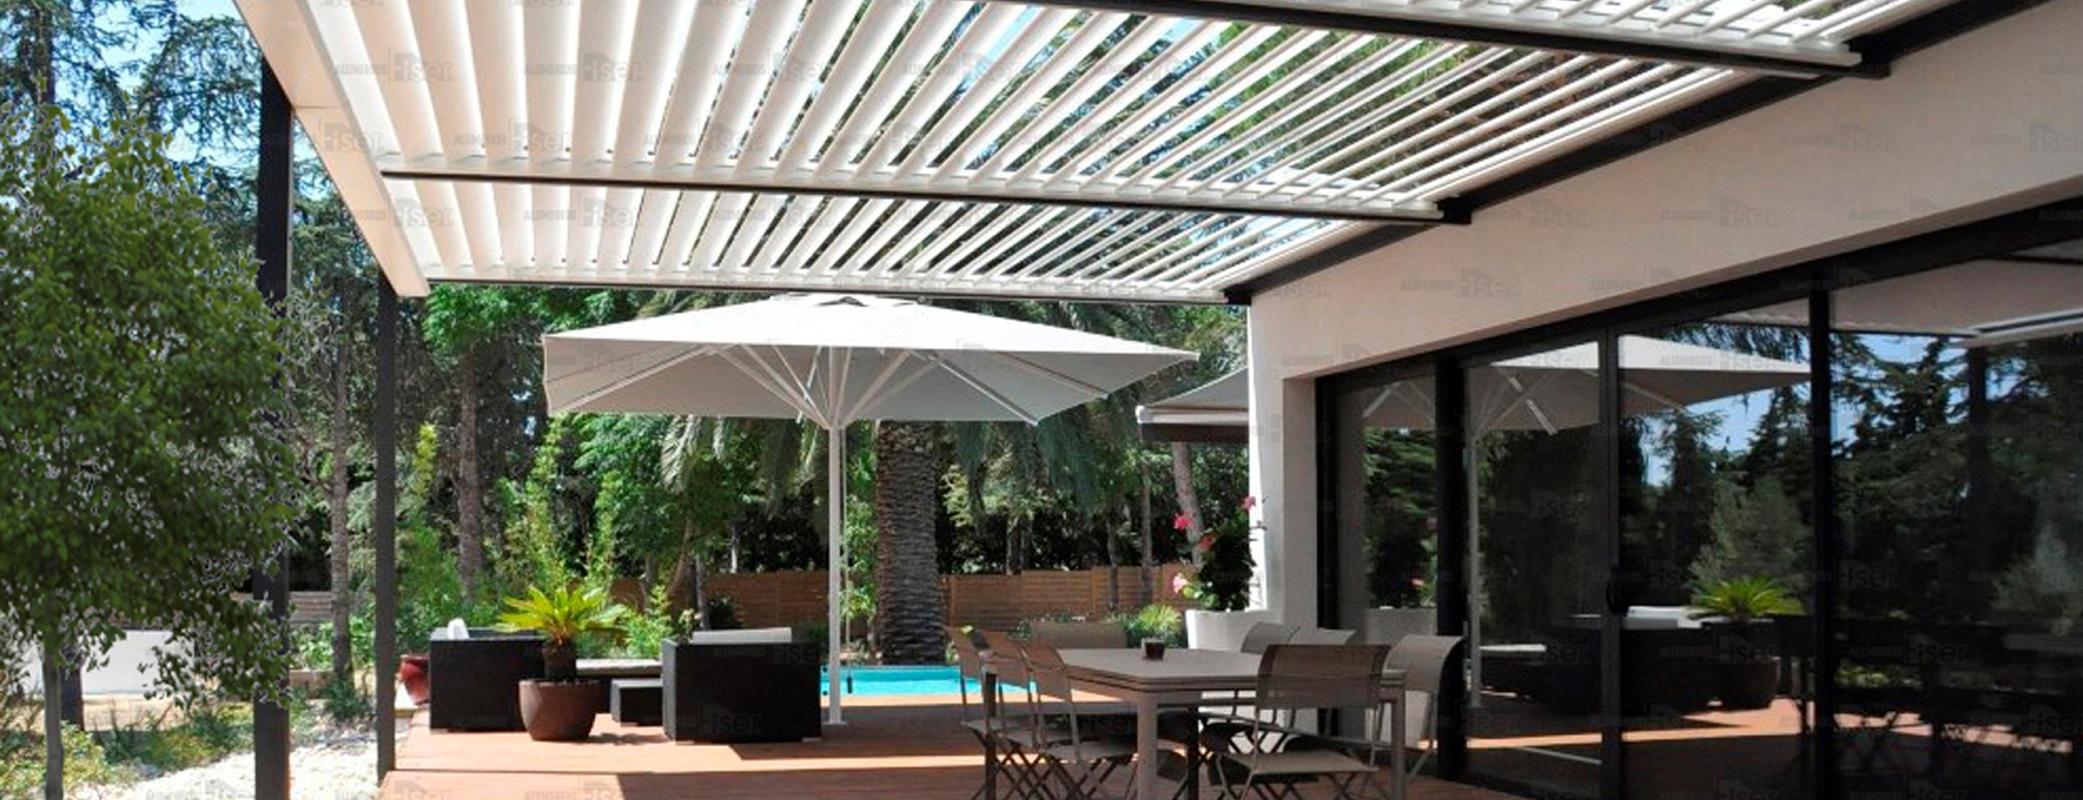 toldos y pergolas de jardin aluminios fiser